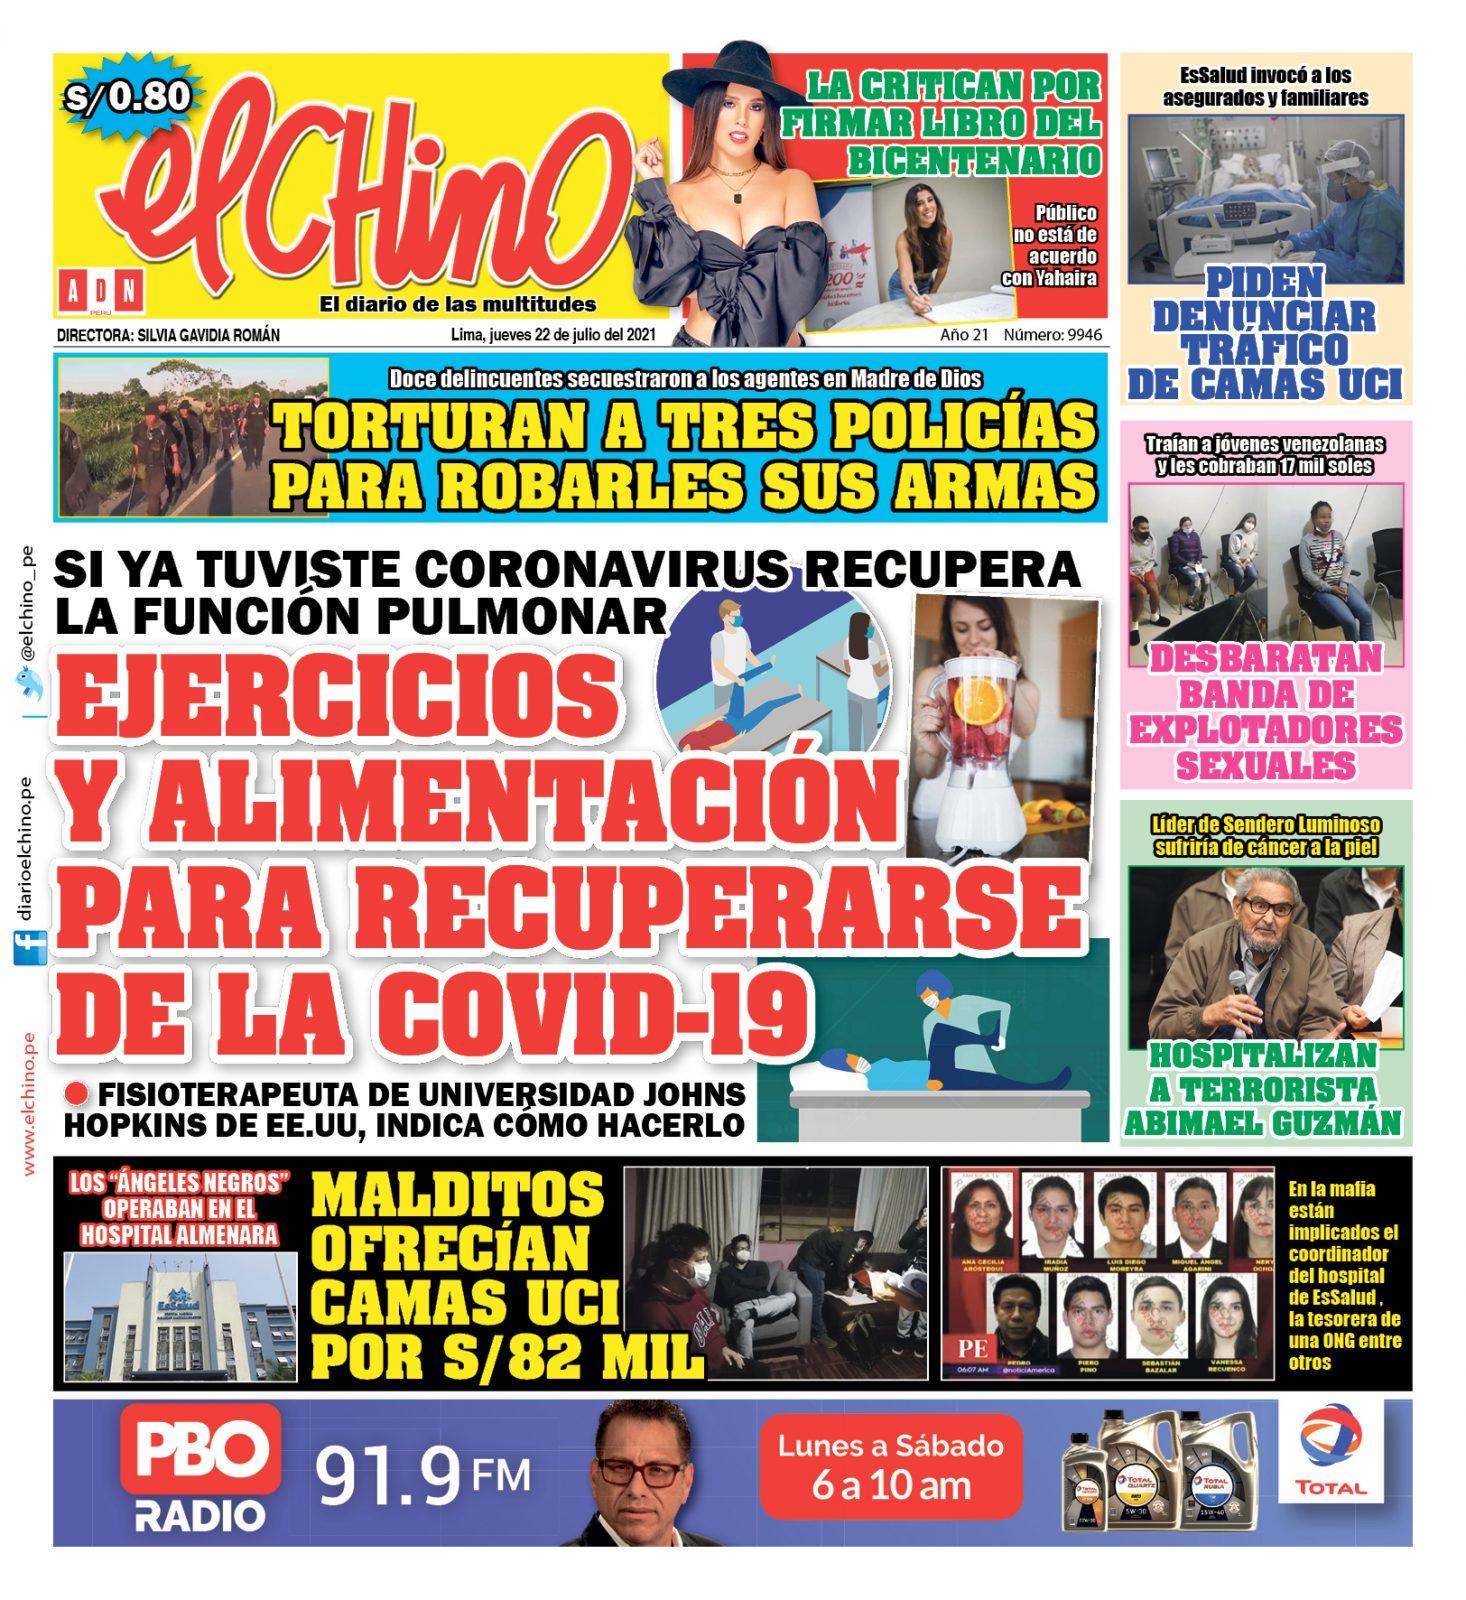 Portada impresa – Diario El Chino (22/07/2021)